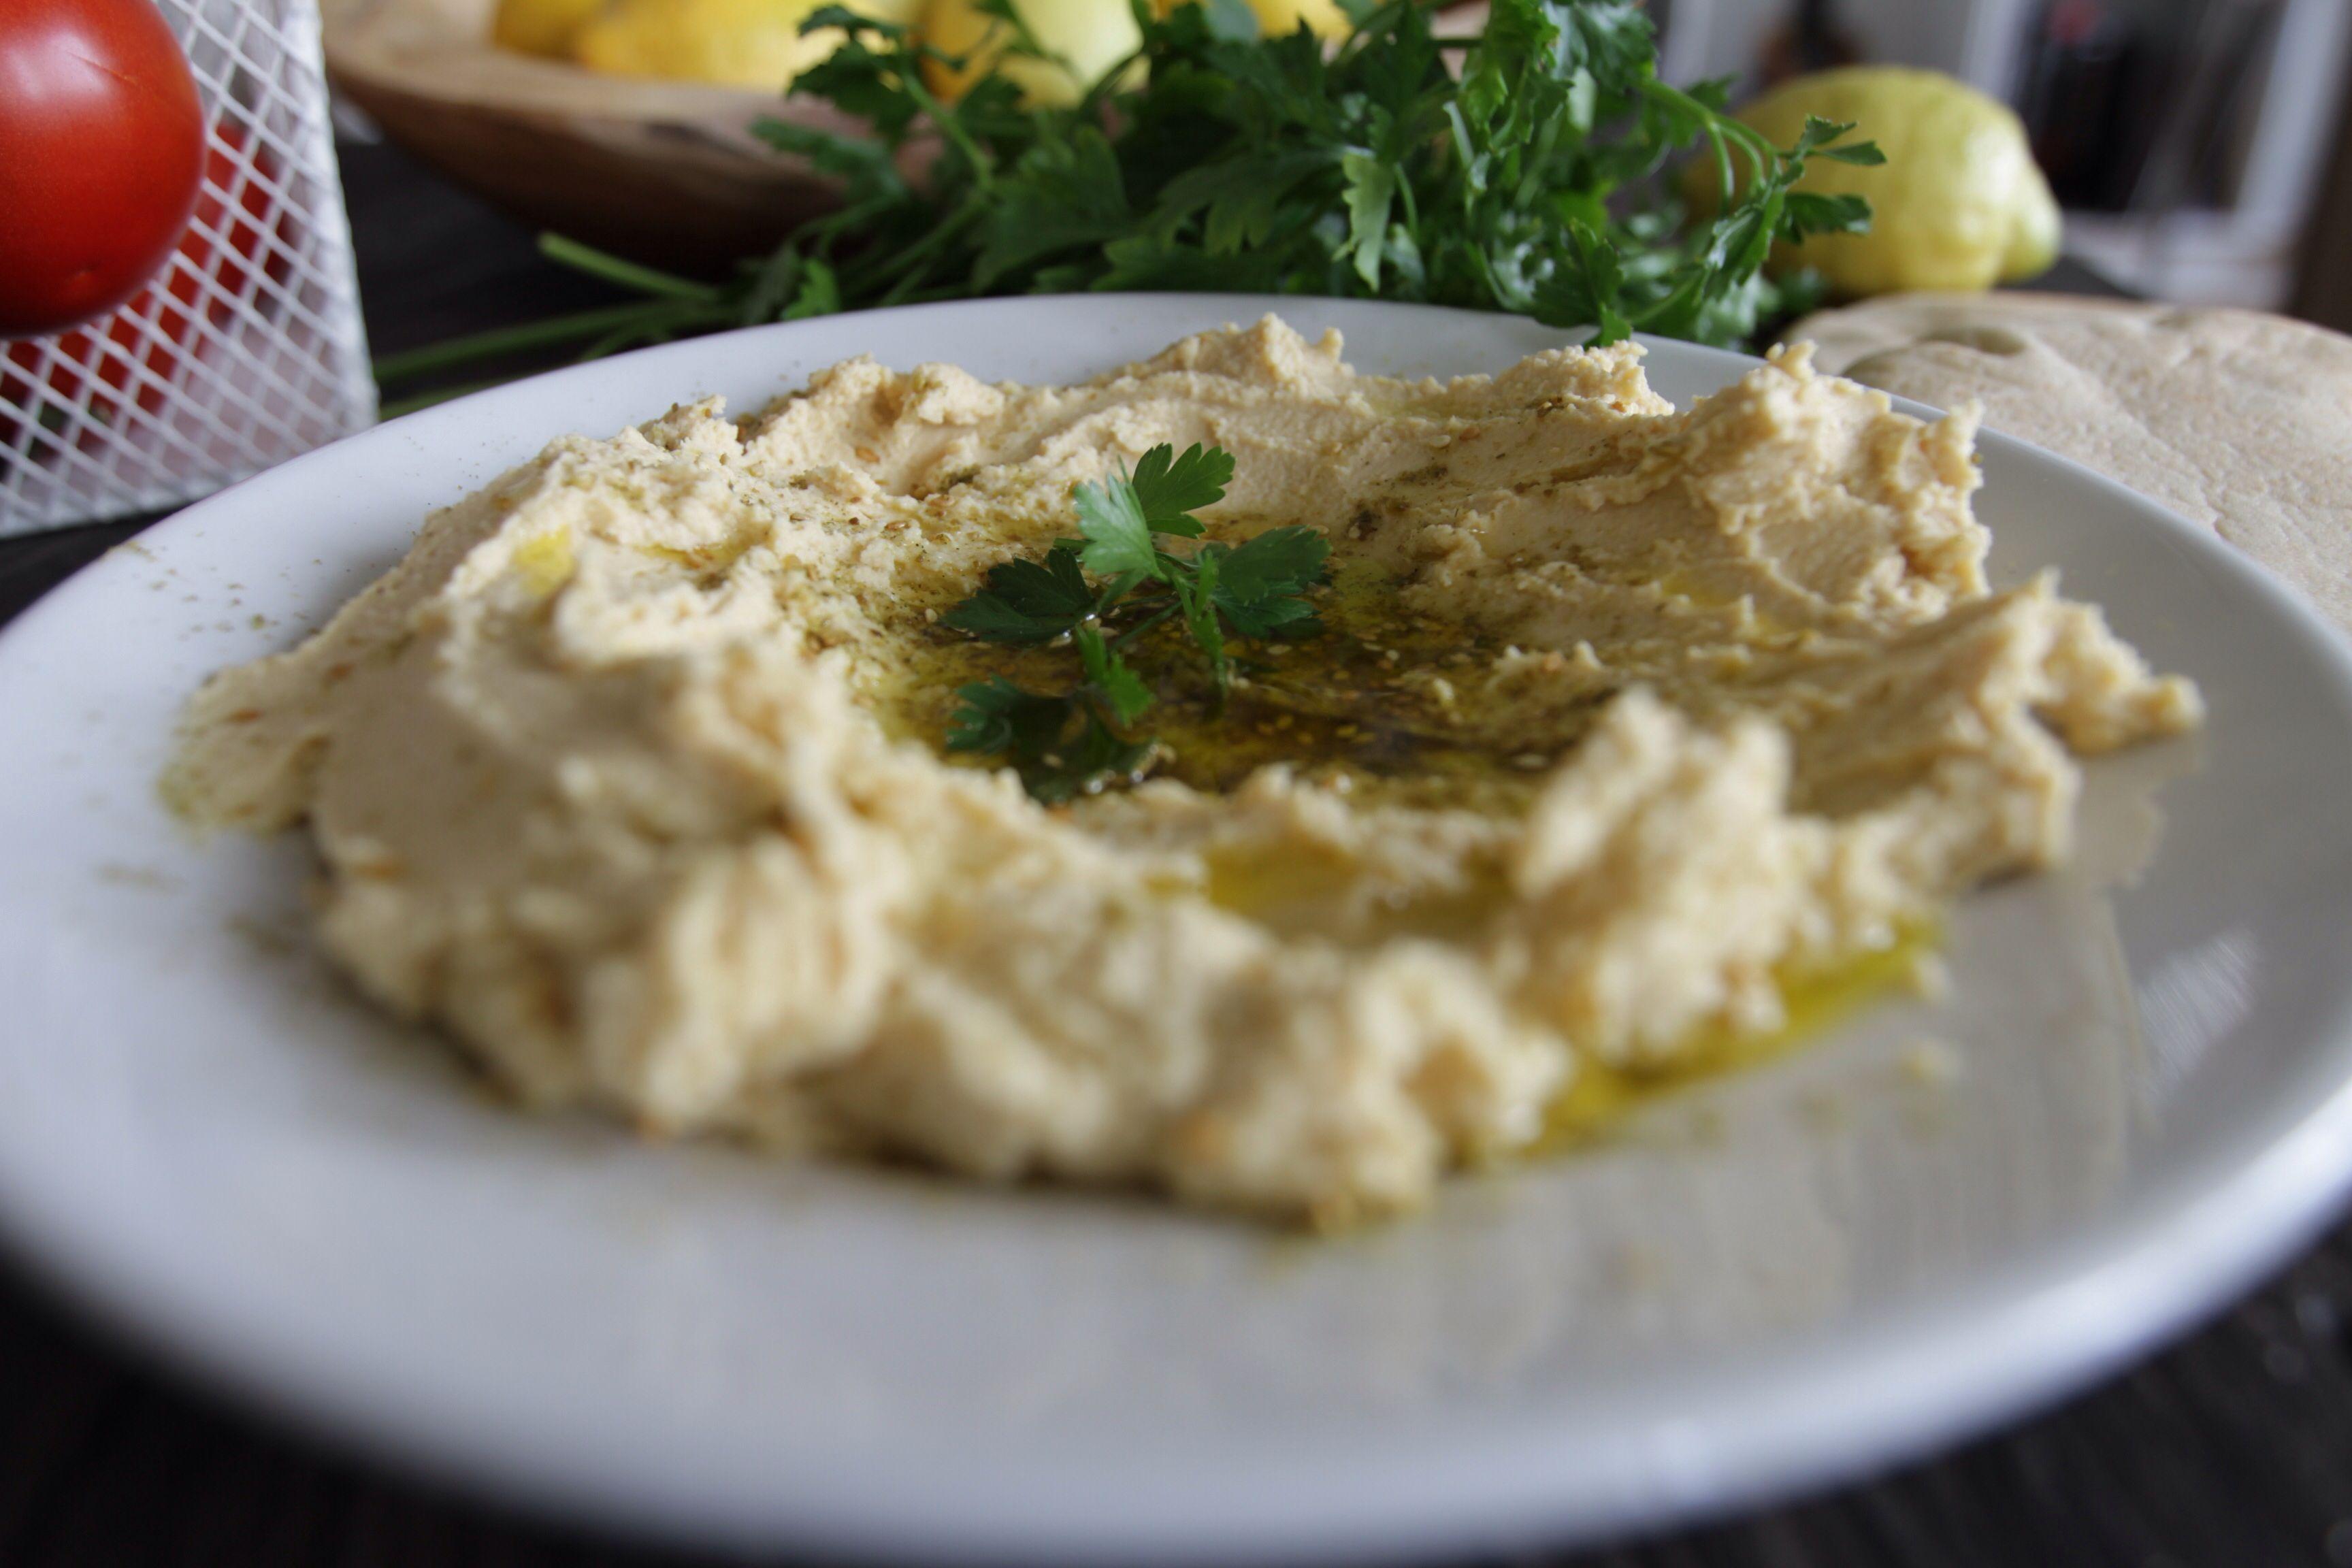 Hummuslove